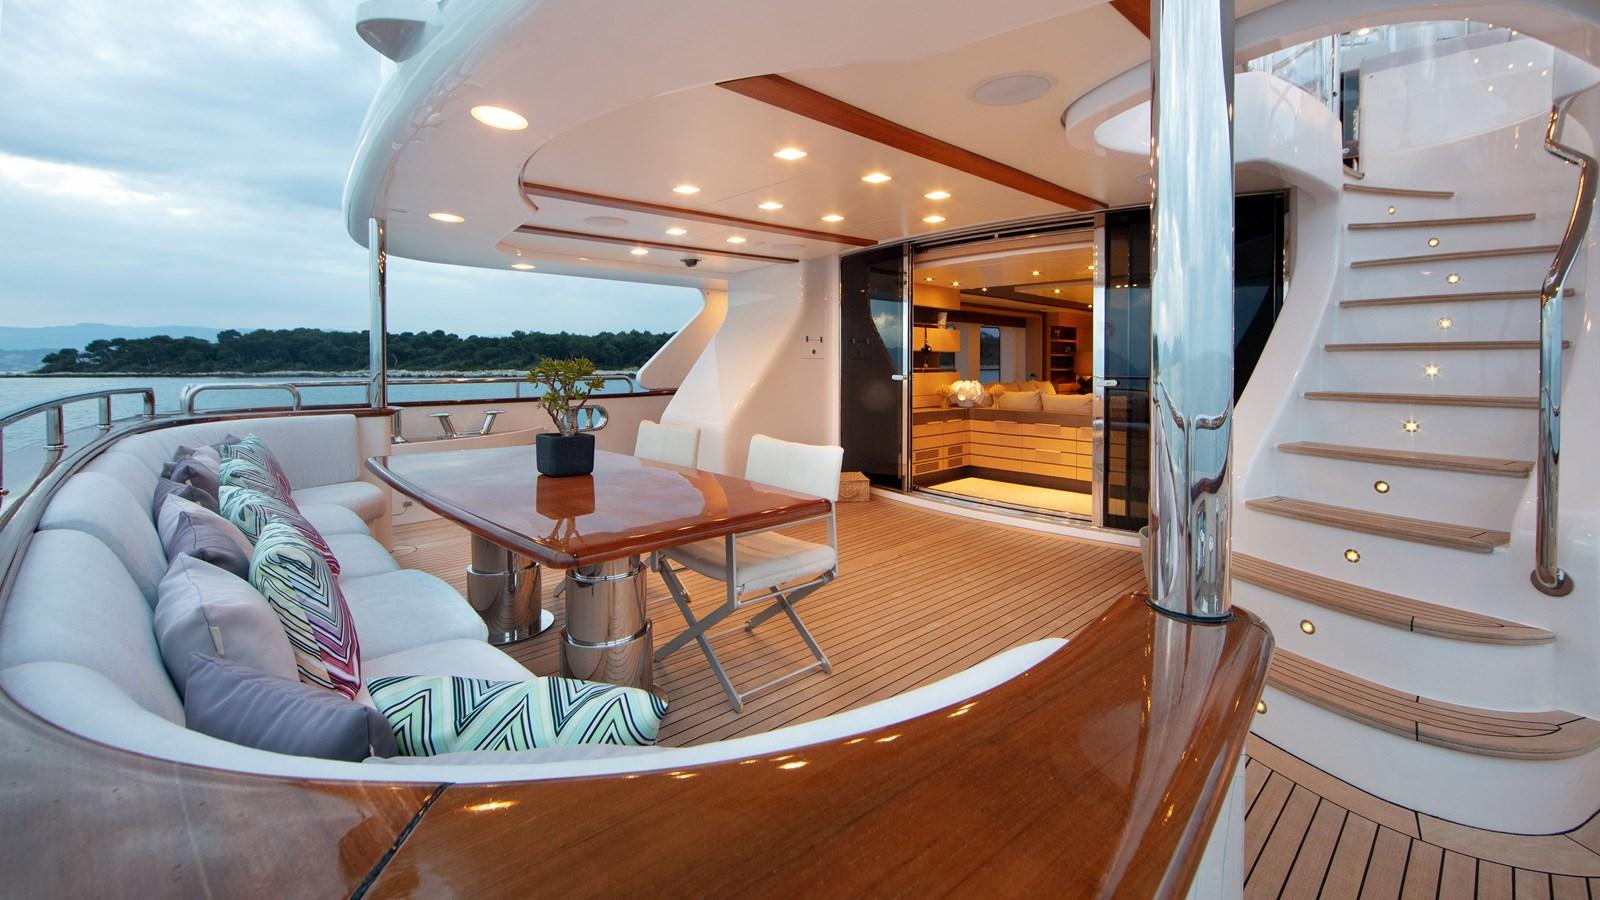 yacht-dyna-r-201806-exterior-01